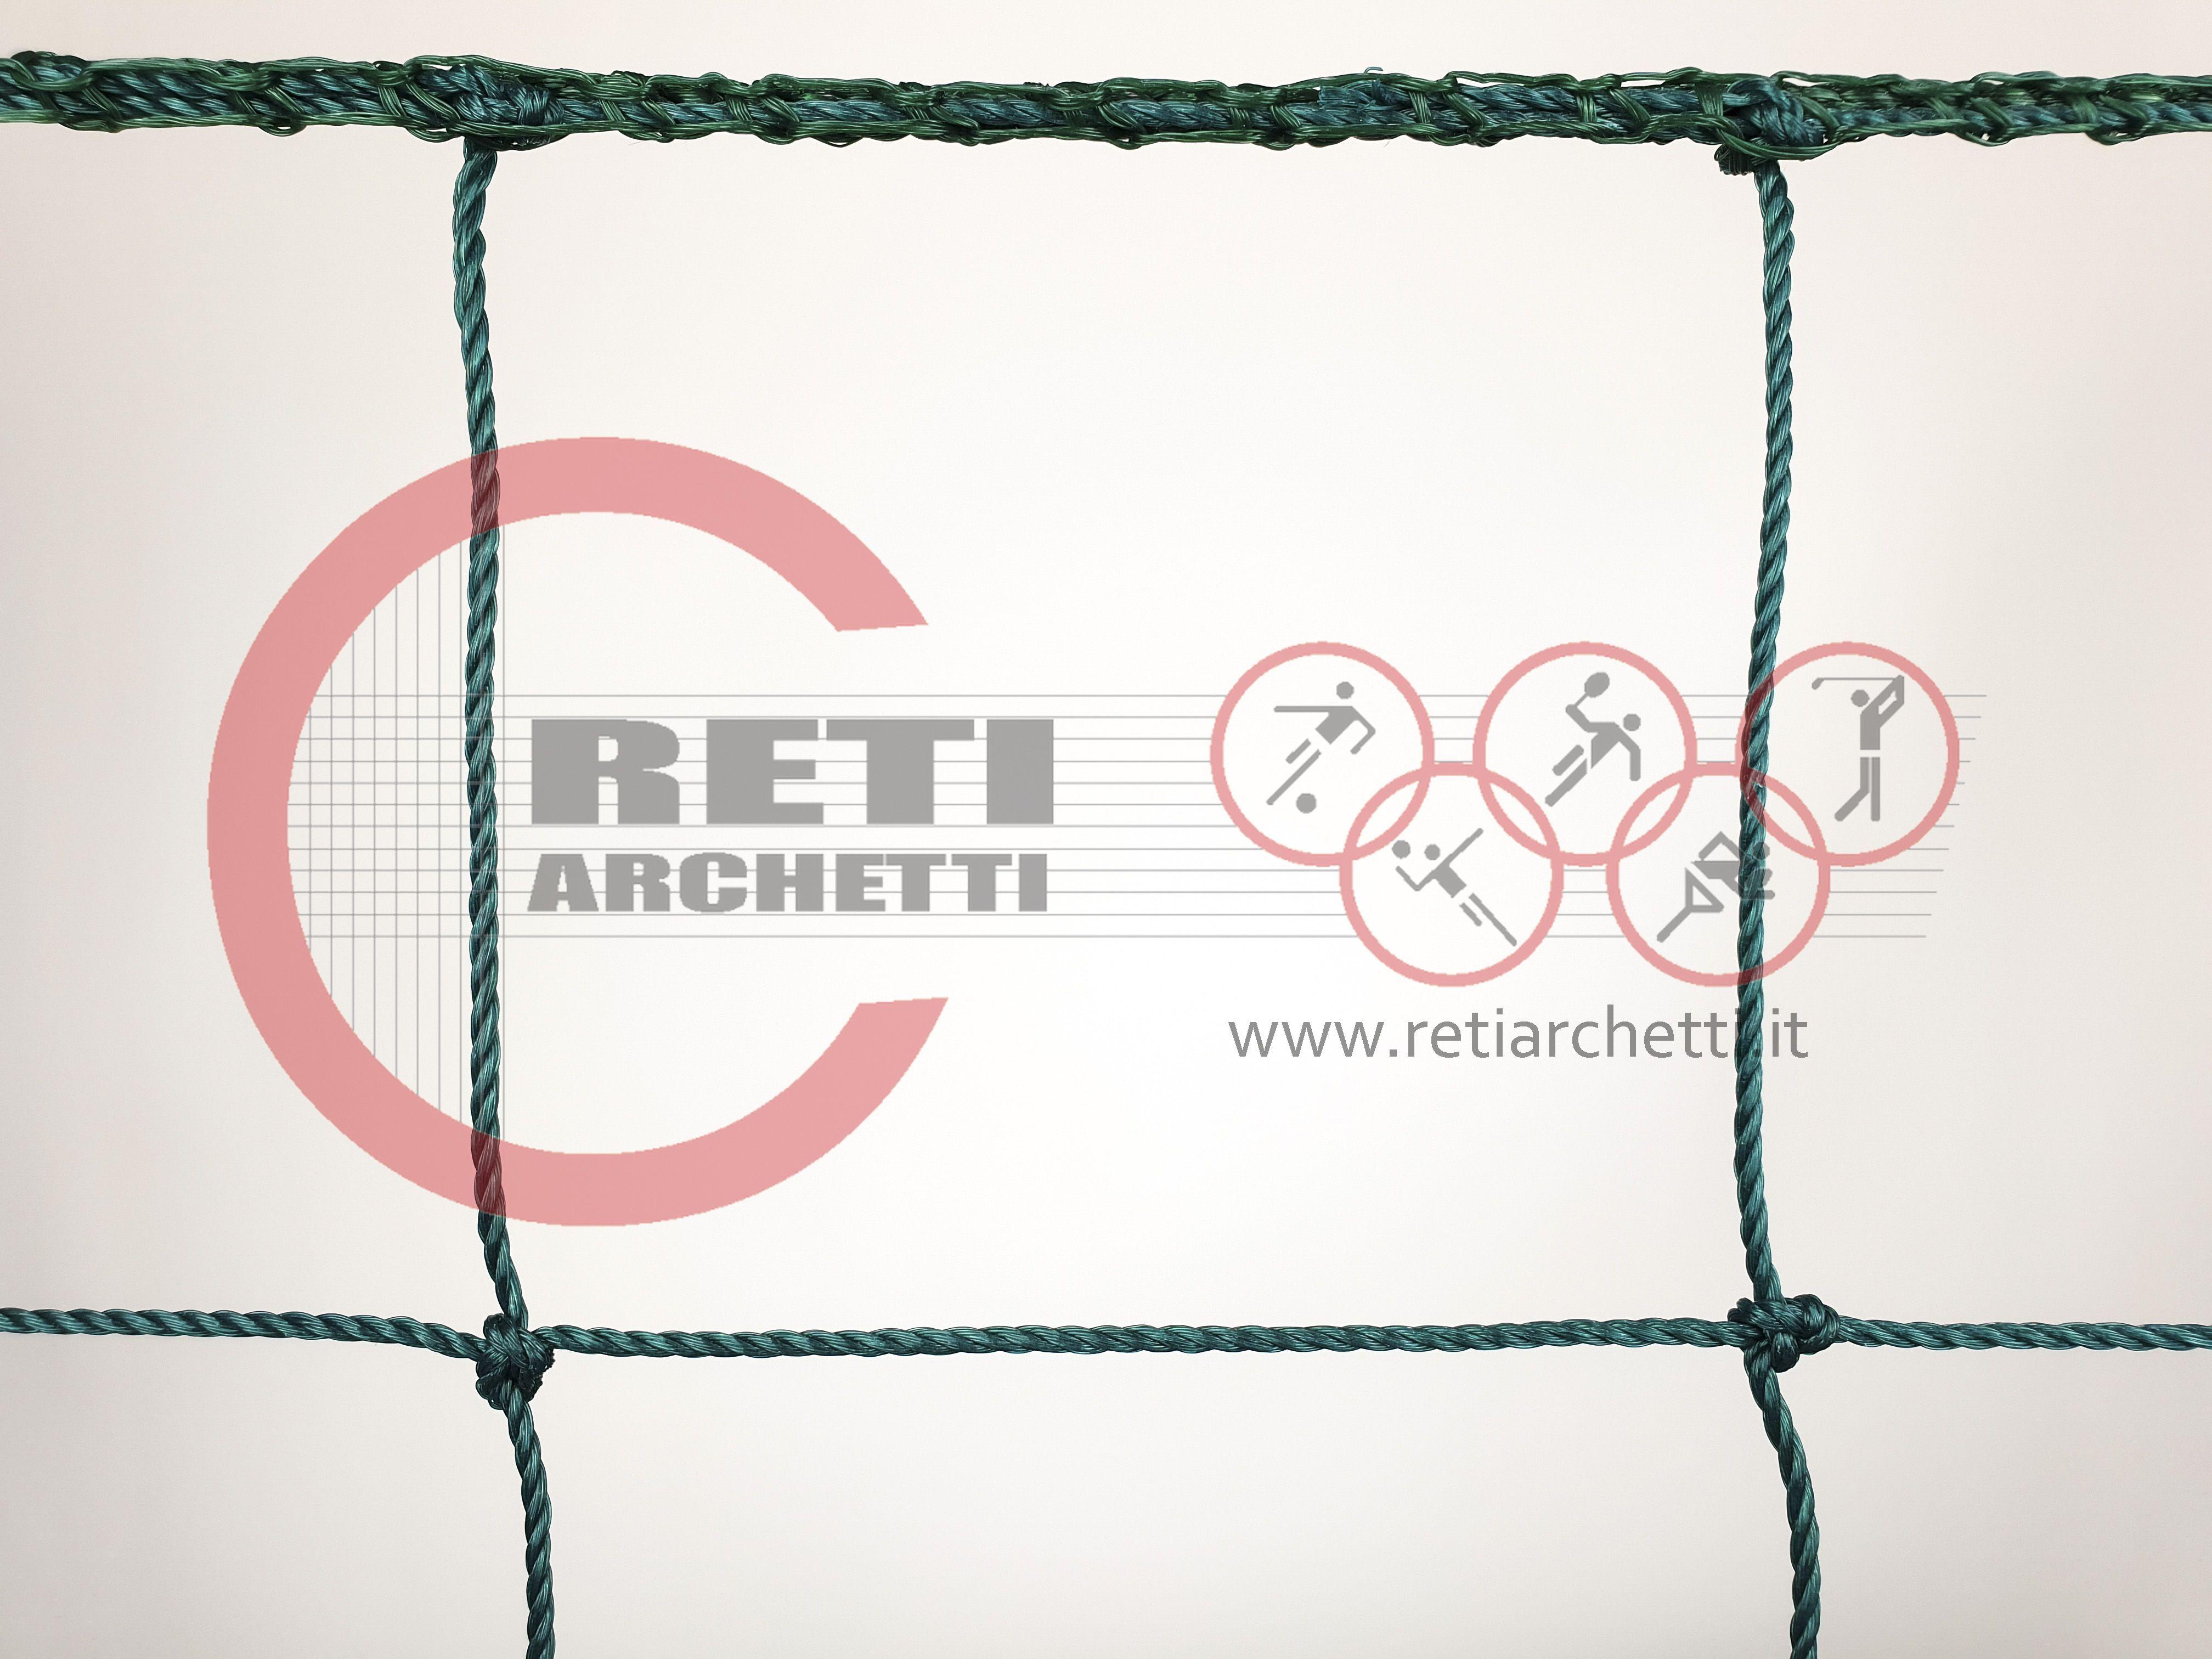 Rete recinzione calcio parapalloni - art. B 3 - SUPER